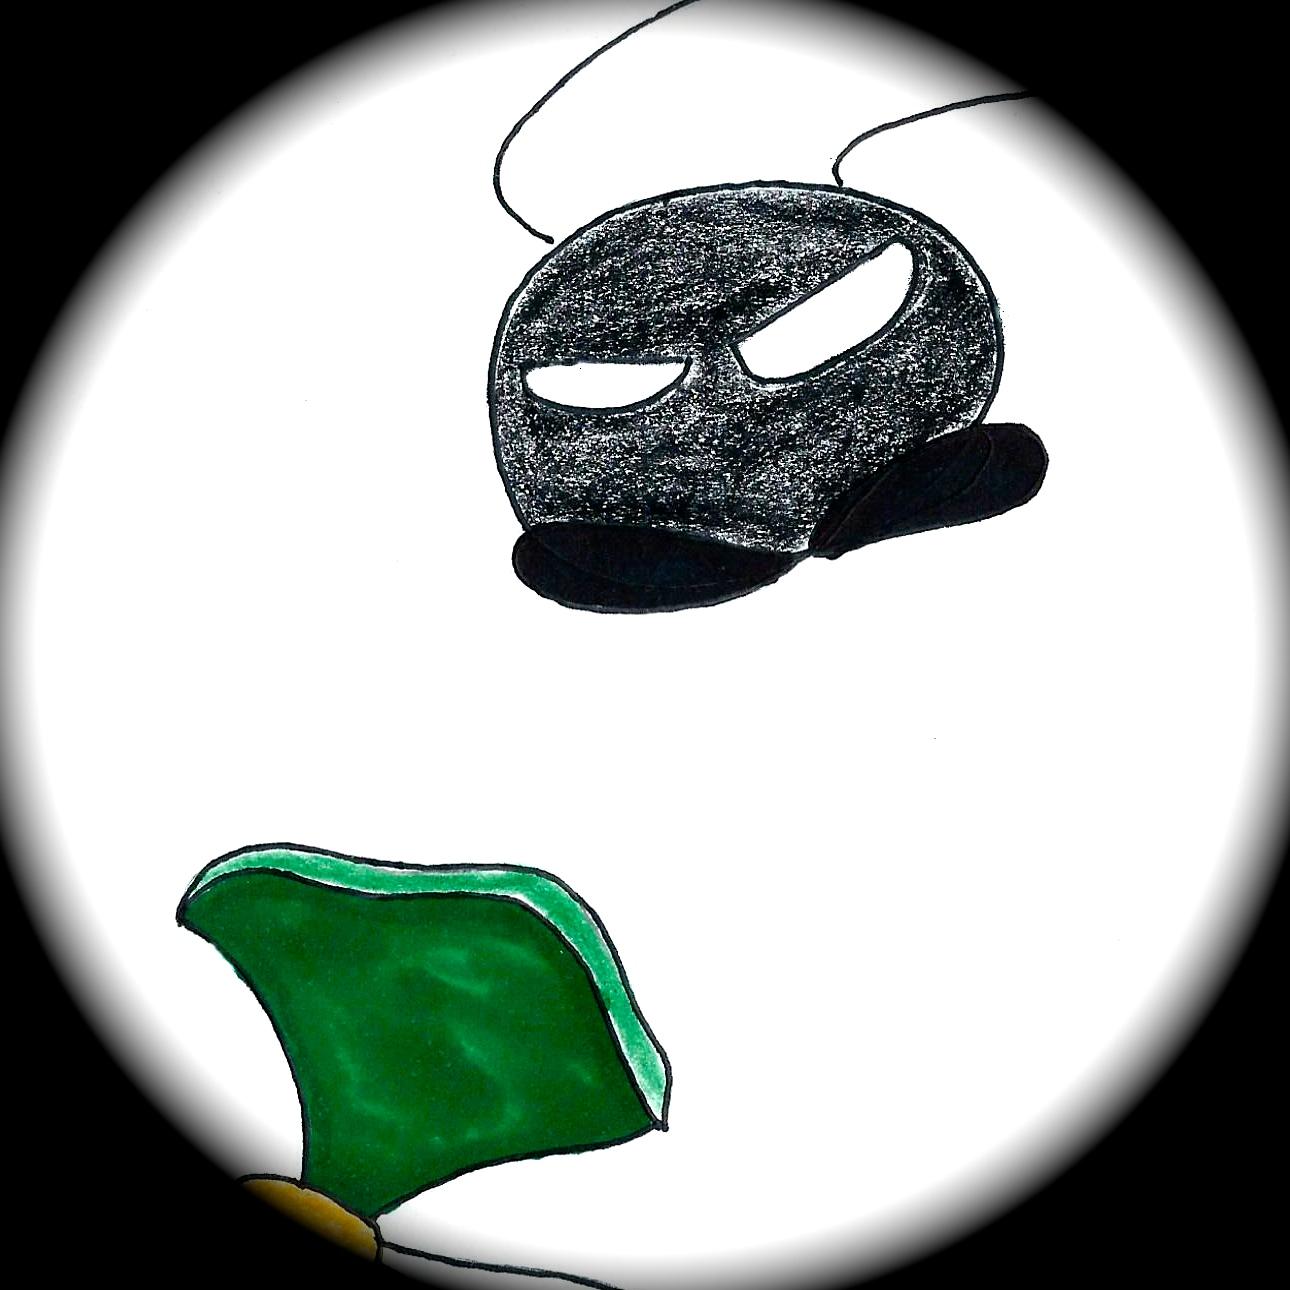 Petit billet, Flea & Chip, James & Cie, Les écarts, james et cie, james et compagnie les écarts, james et compagnie, les écarts de Flea & Chip,